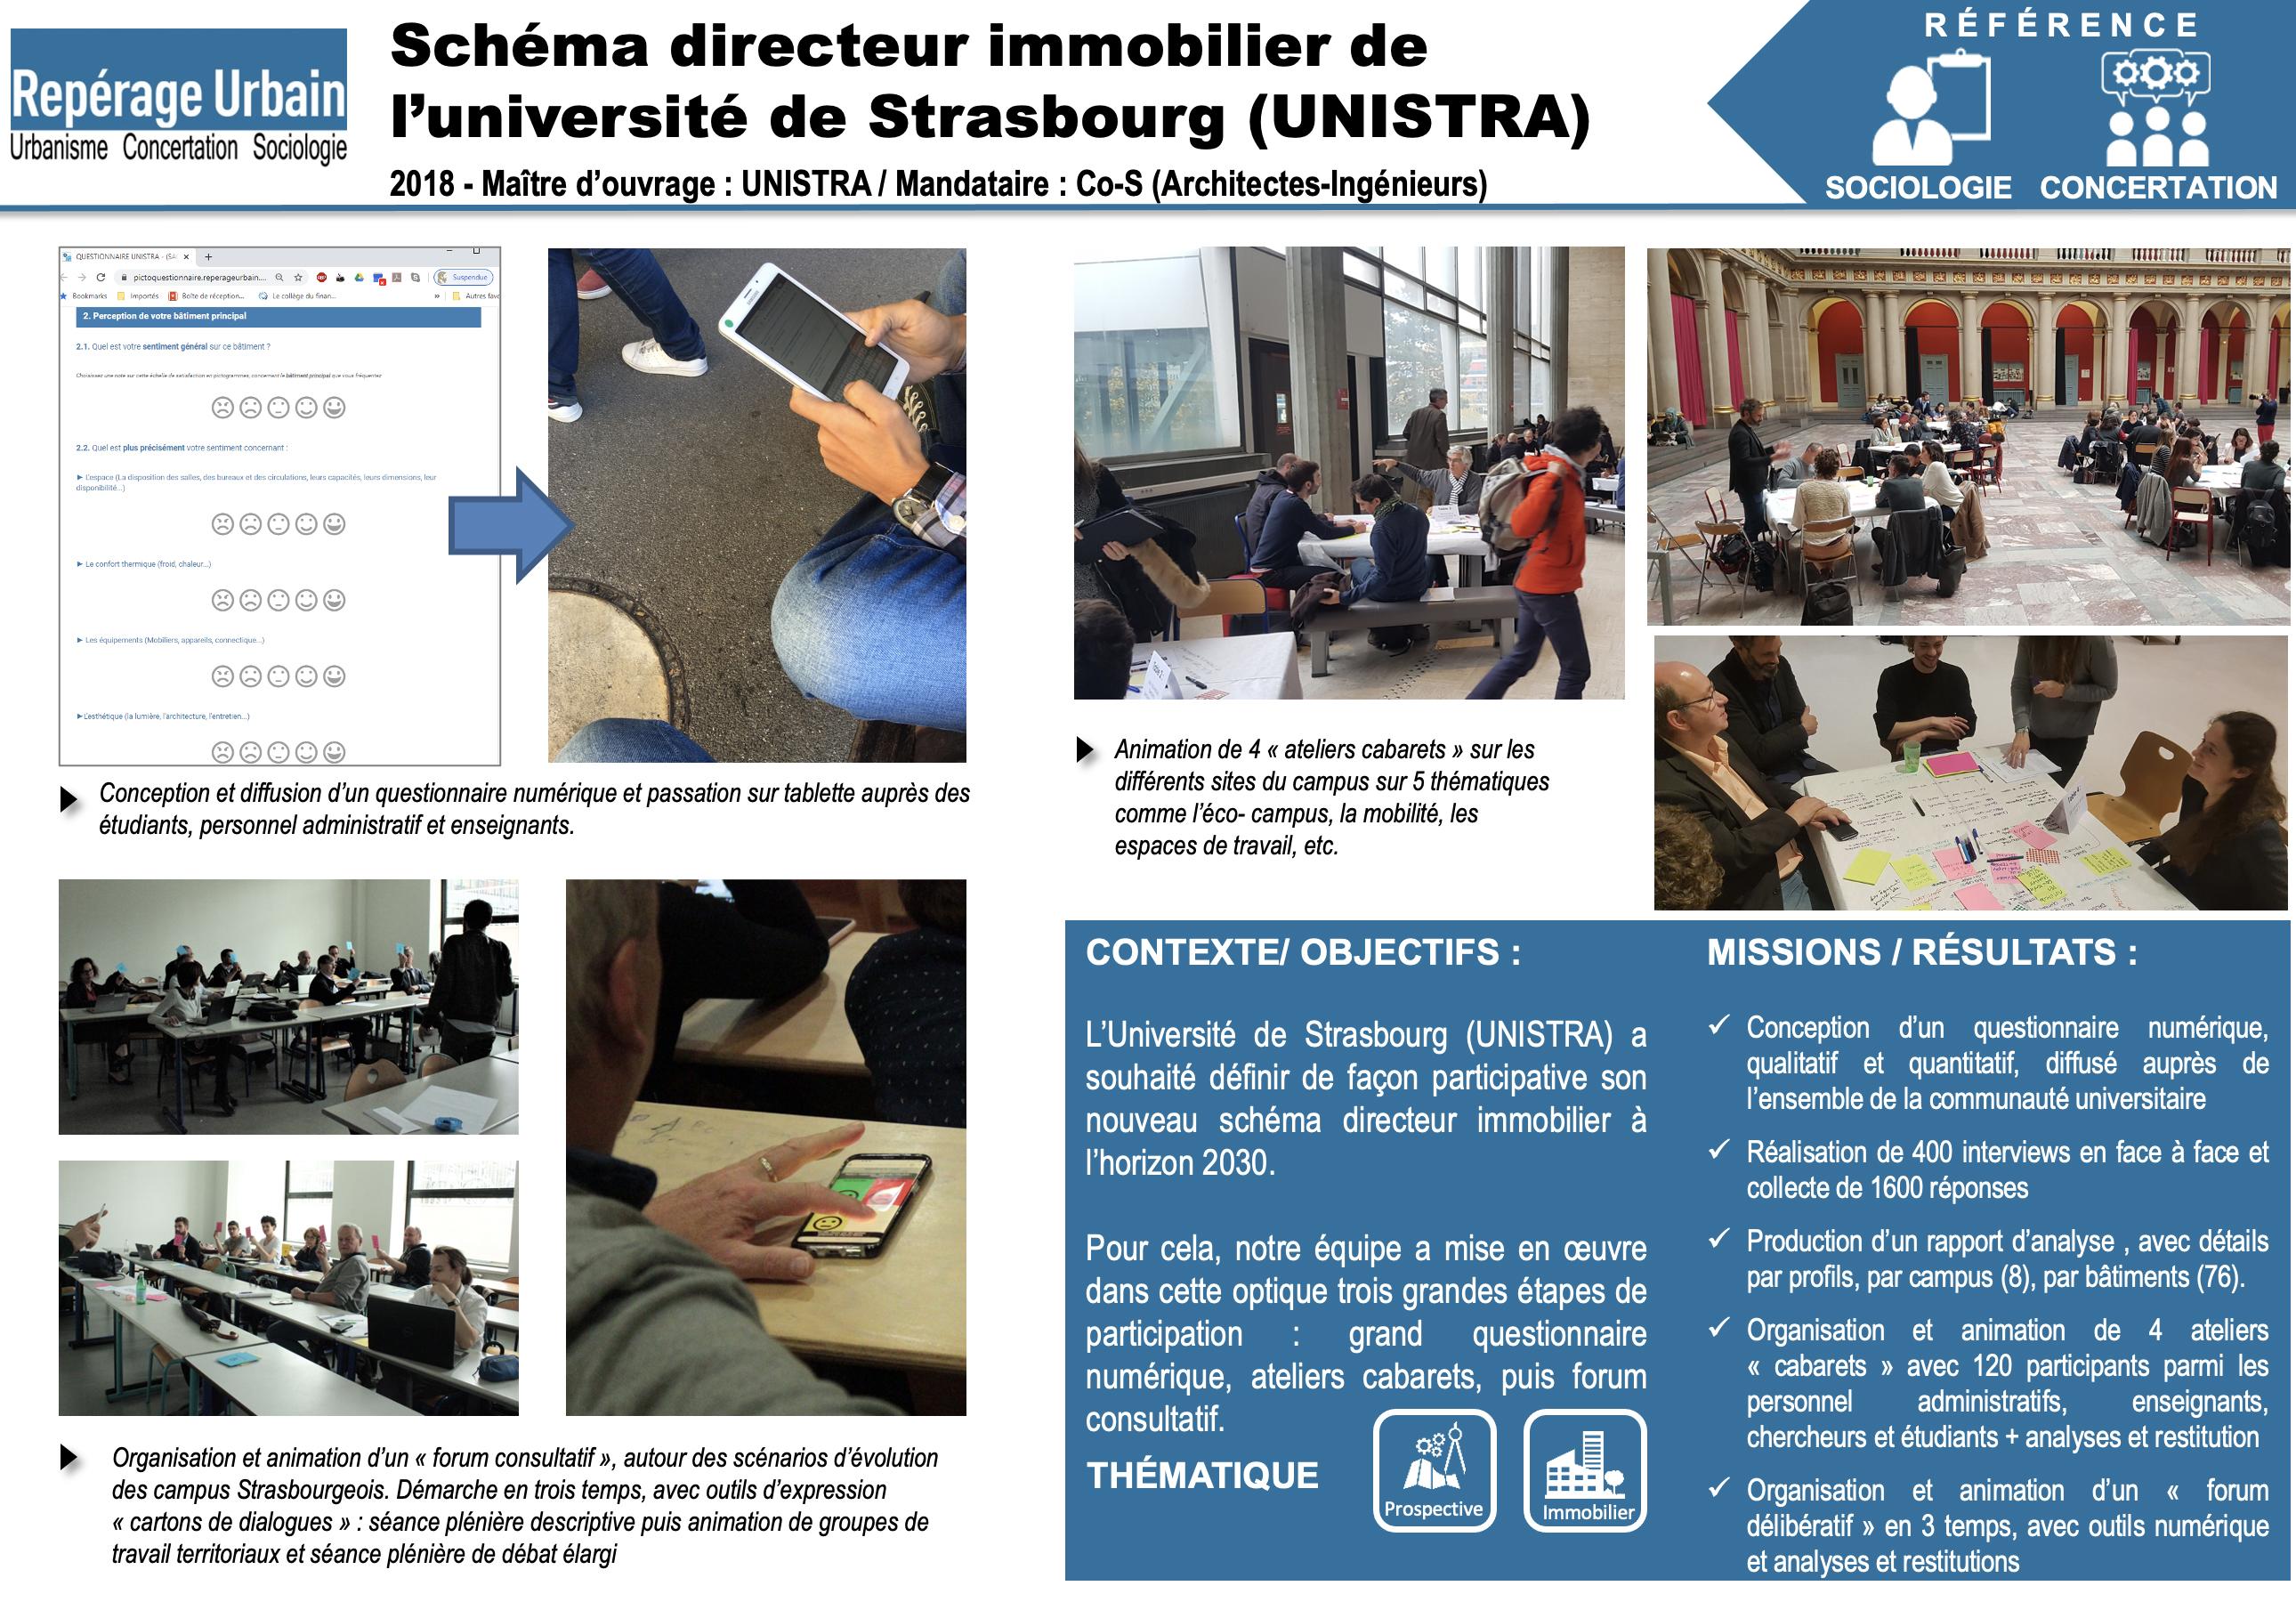 2018 - Université de Strasbourg